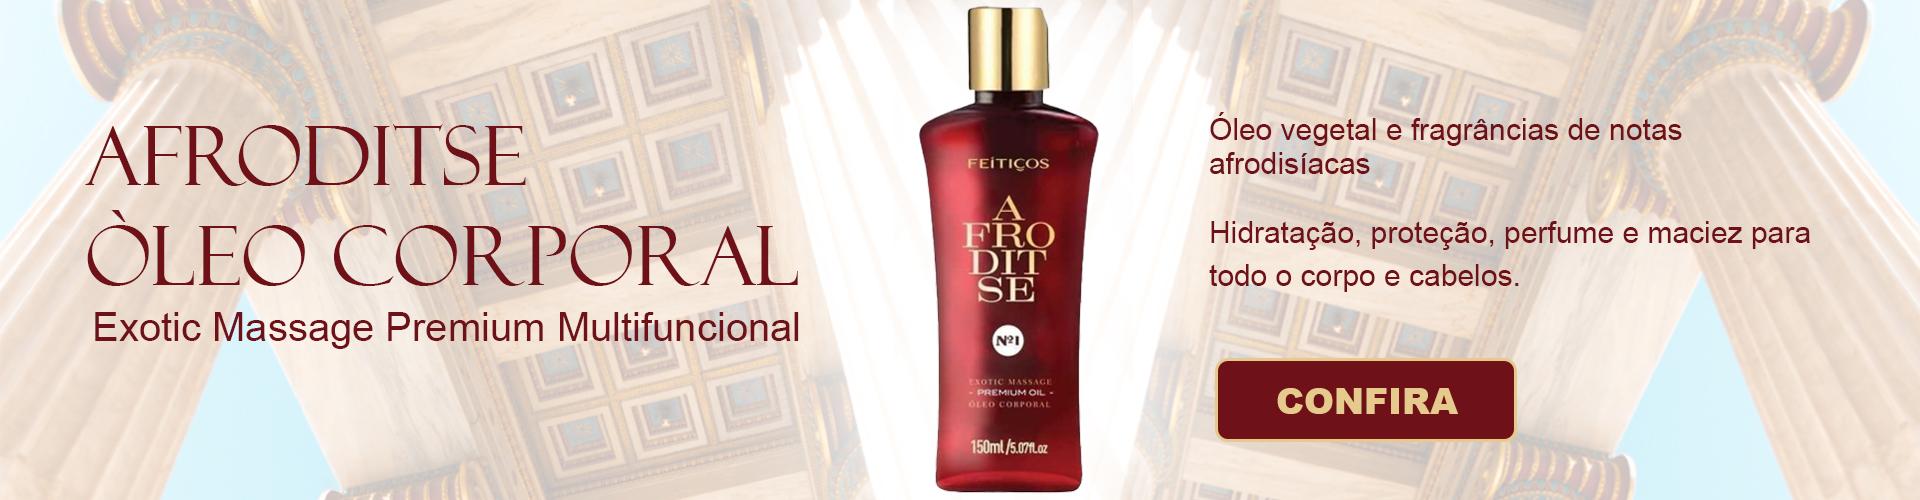 Produto Afroditse oleo exotico para massagem